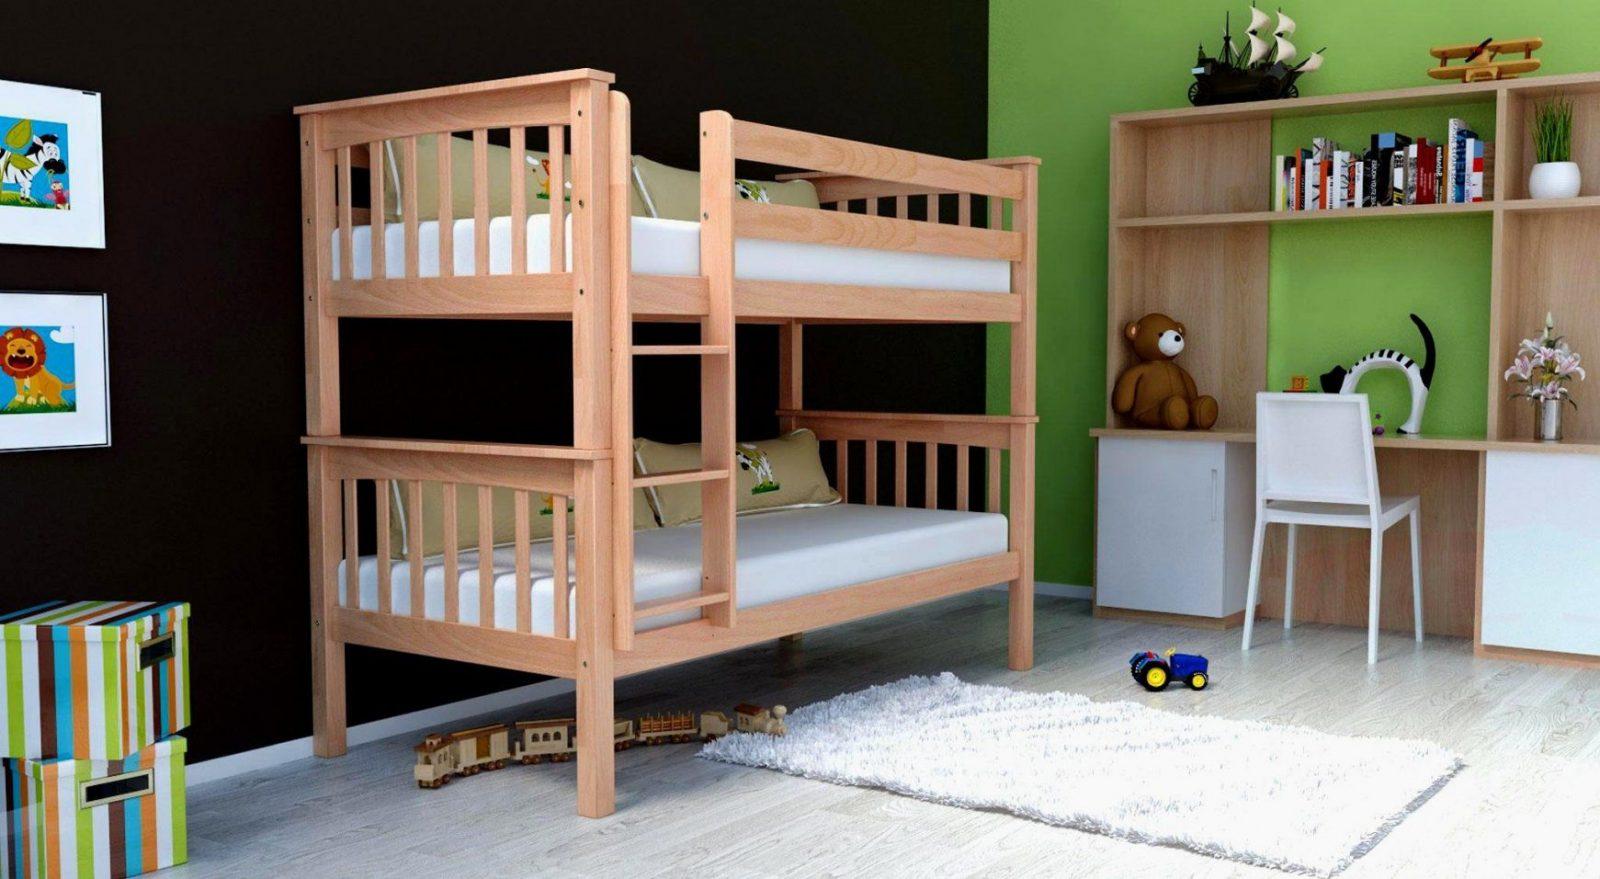 Etagenbett Für Erwachsene 90x200 Metall : Stockbetten für erwachsene etagenbett easy premium